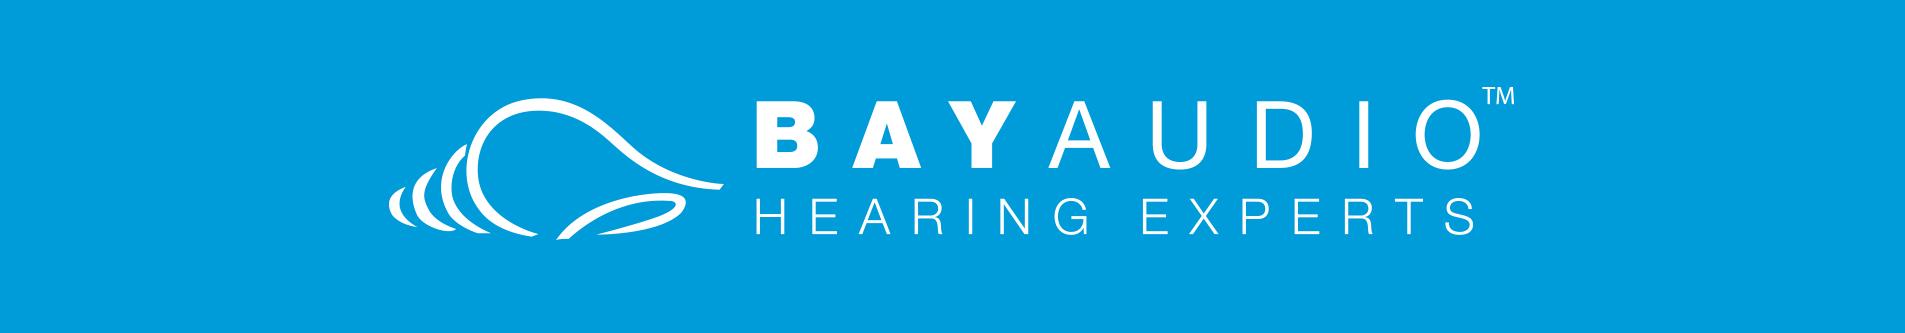 Bay Audio